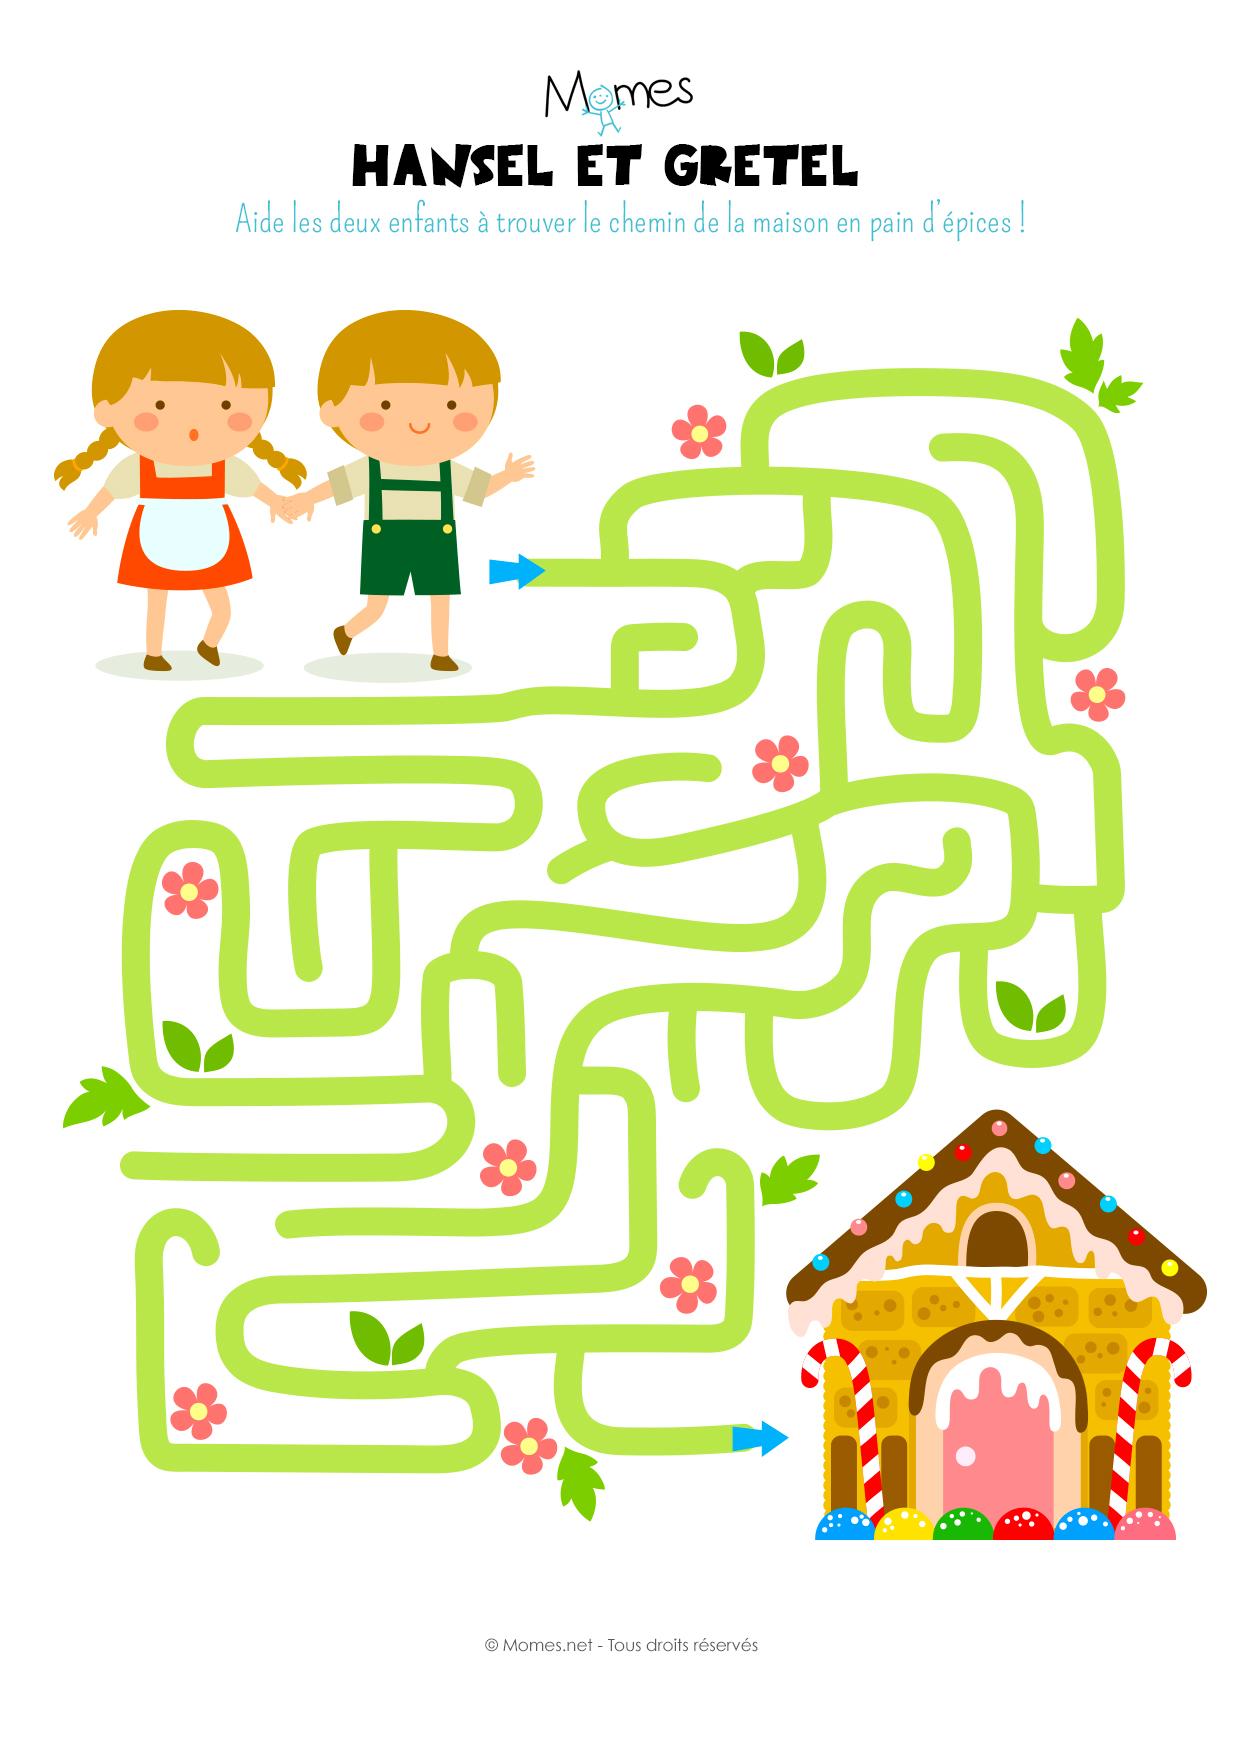 Le labyrinthe d'Hansel et Gretel